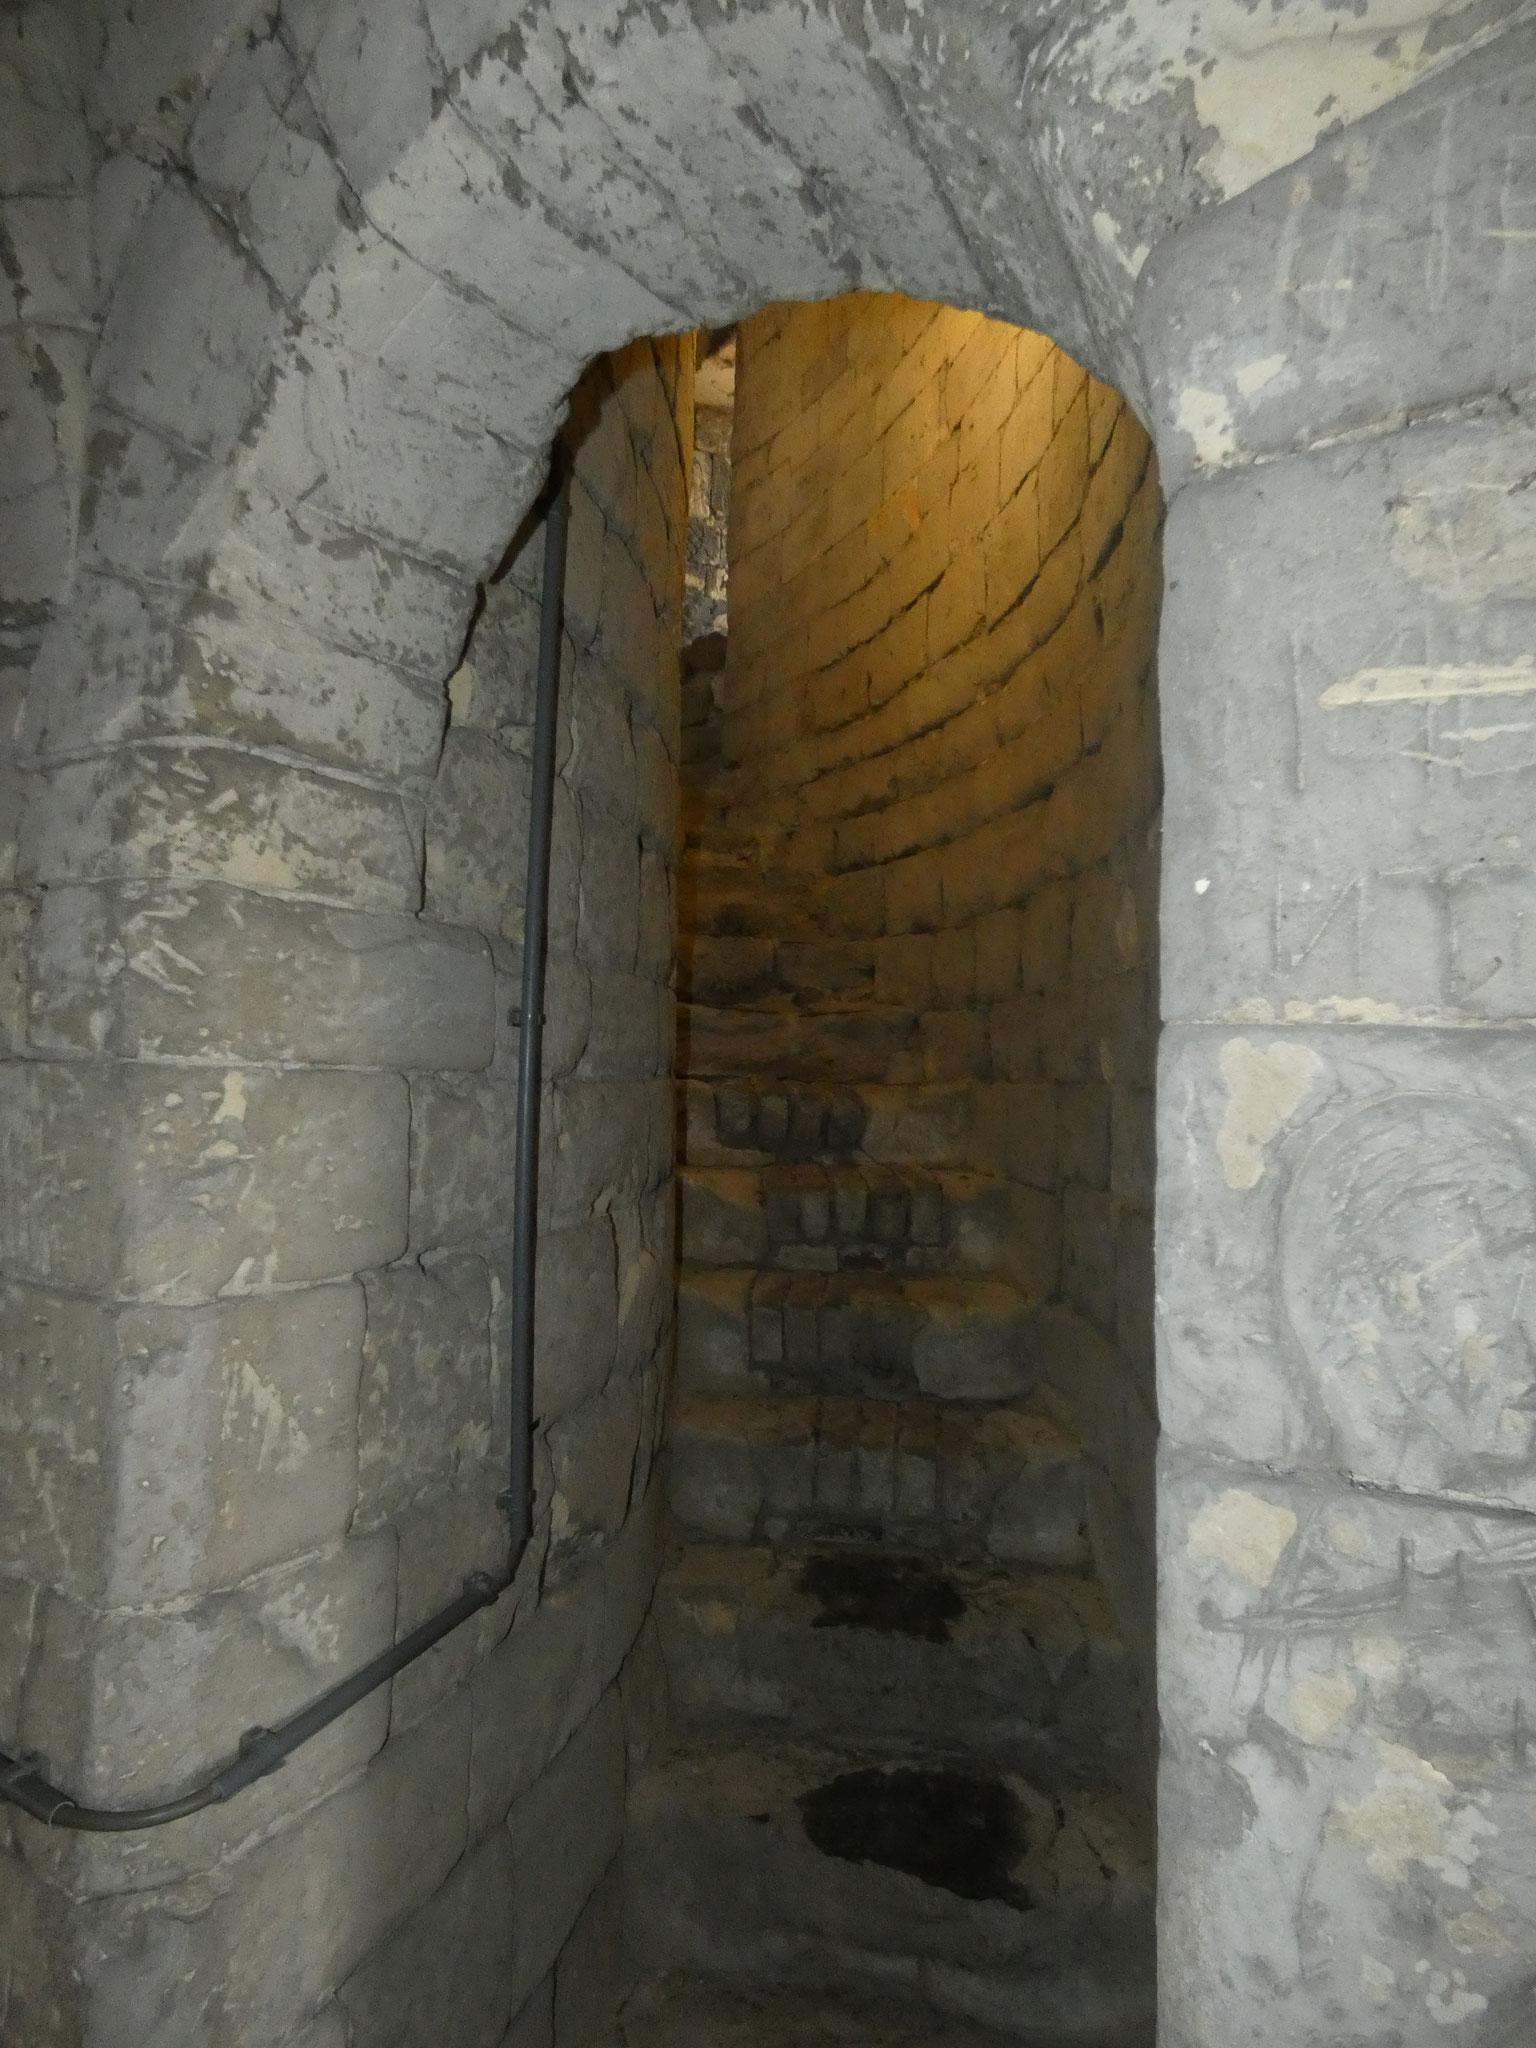 In de muurdikte (3 meter) opgenomen donjontrap.